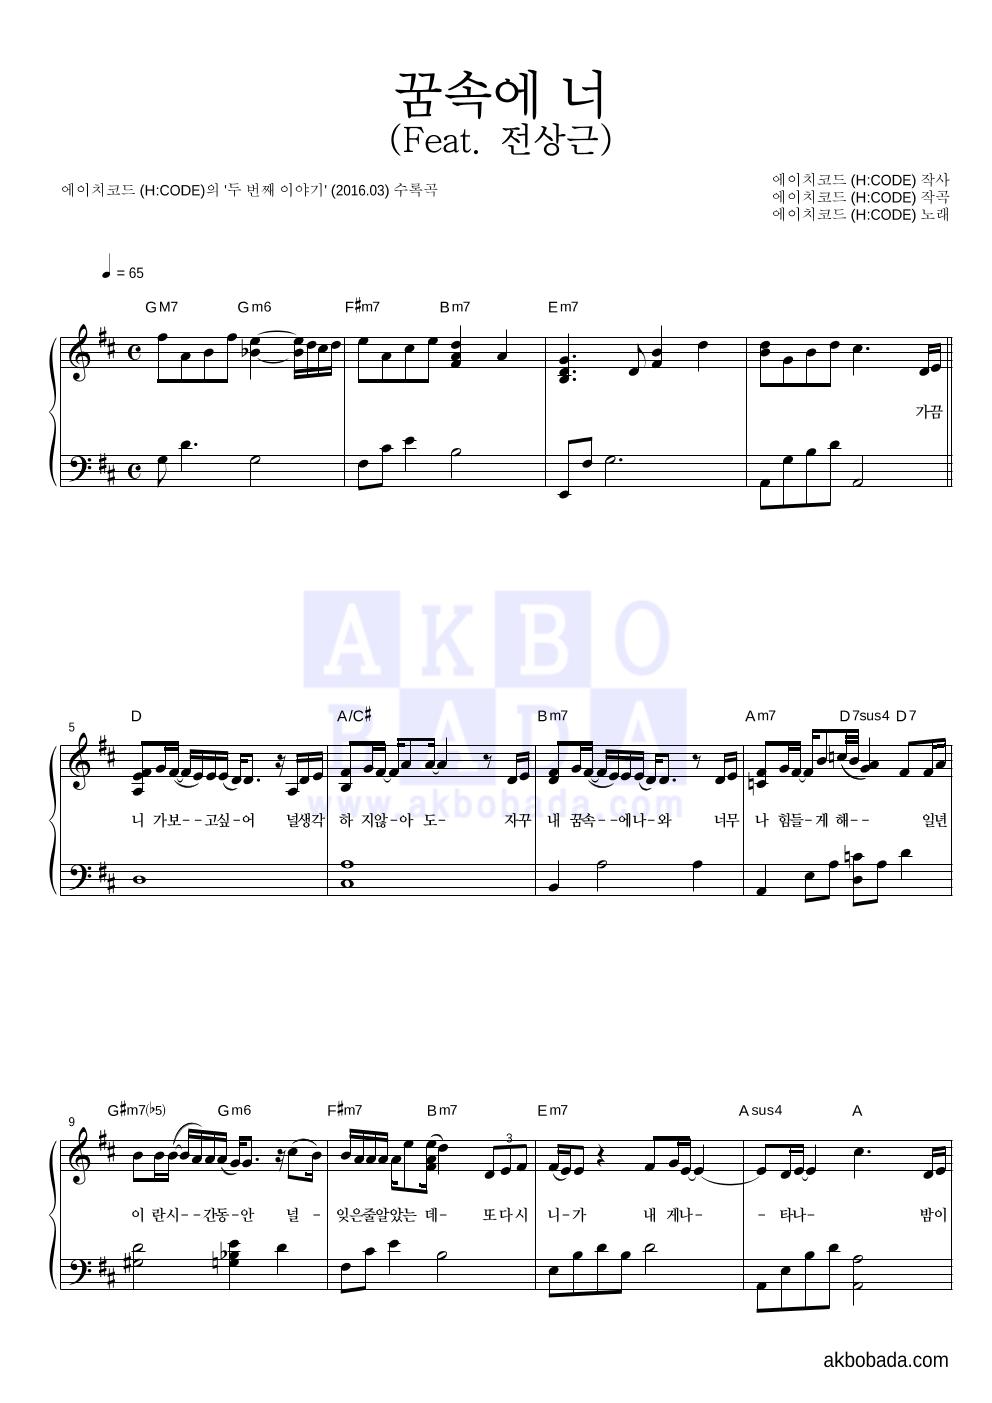 에이치코드 - 꿈속에 너 (Feat. 전상근) 피아노 2단 악보